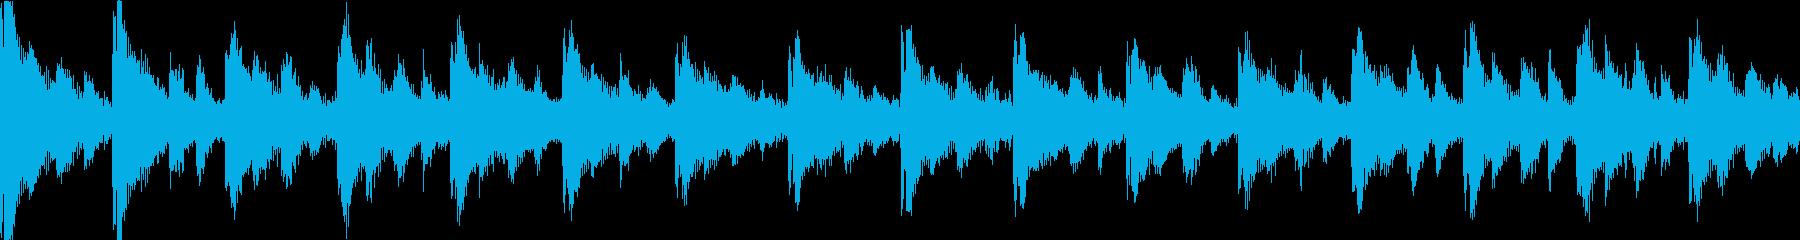 【ループE】かわいい感じのゆるやかテクノの再生済みの波形